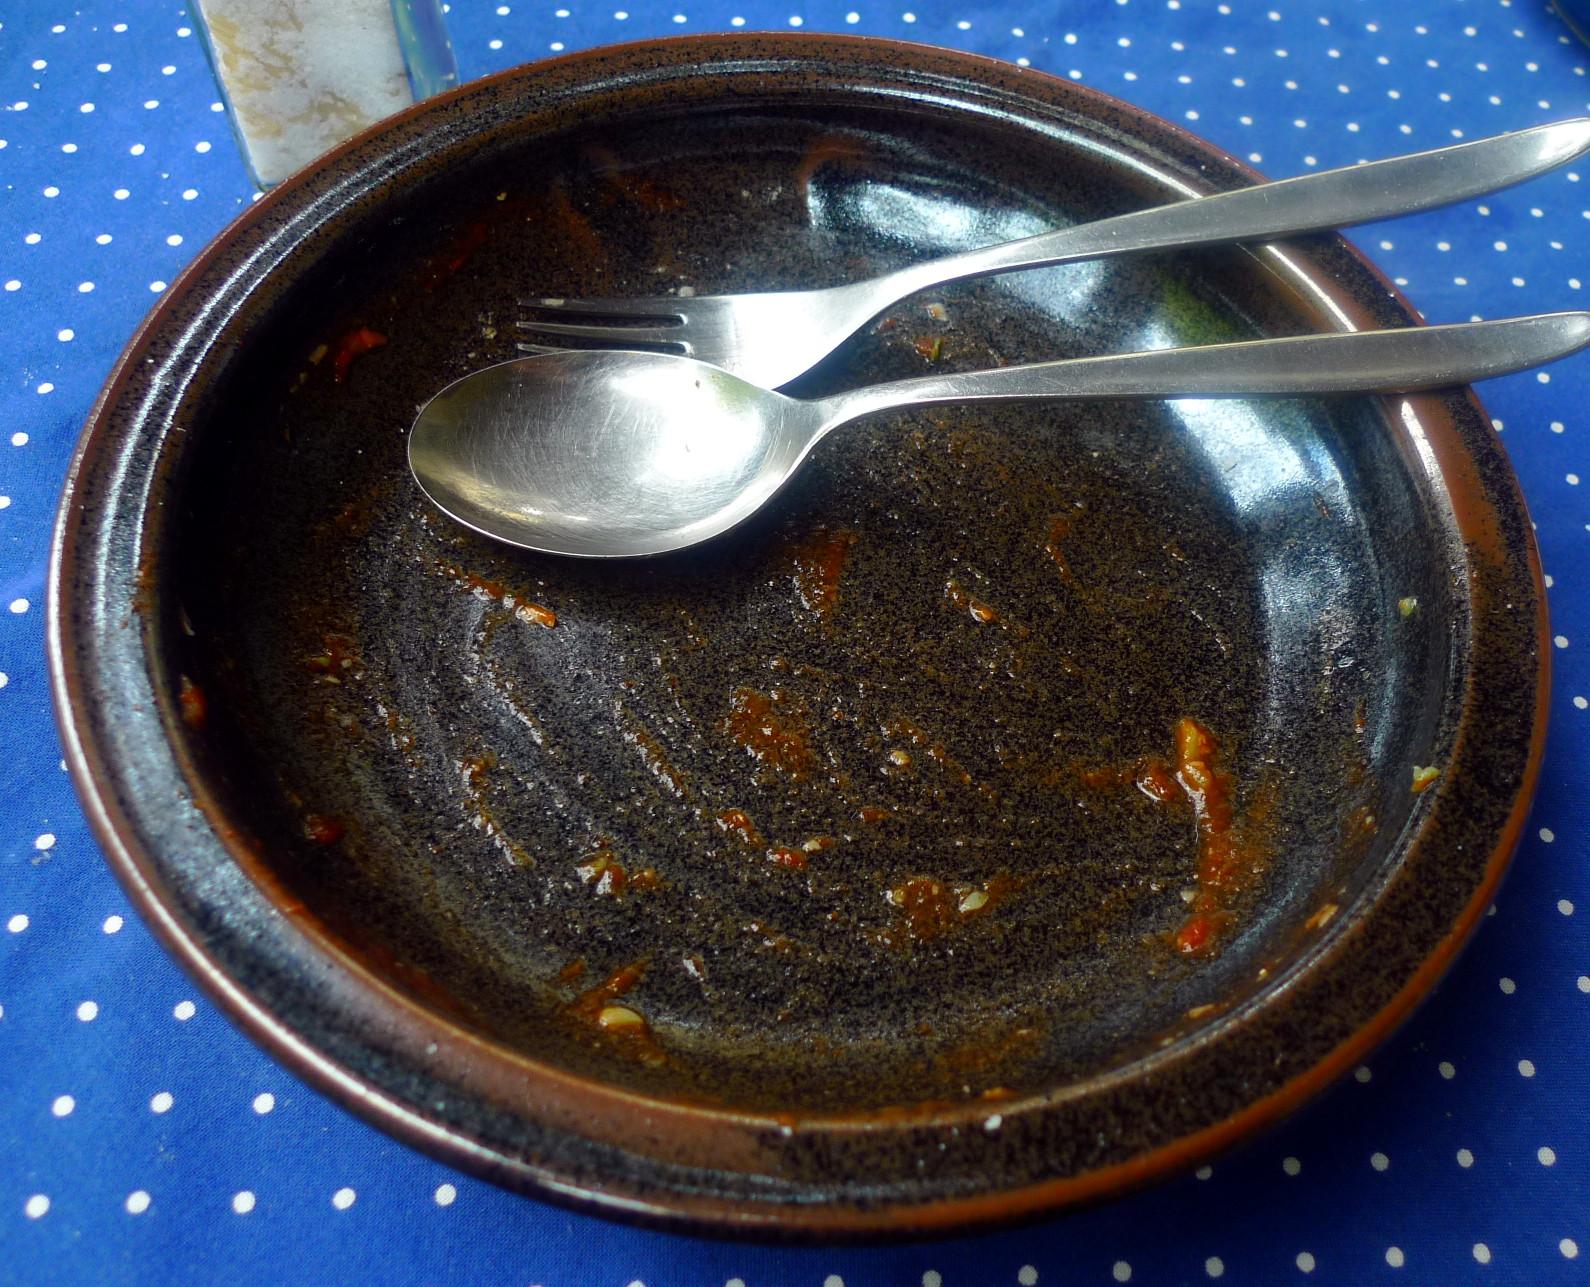 Zucchinispagetthi,Tomatensauce,veganvegetarisch -15.8.15 (18)